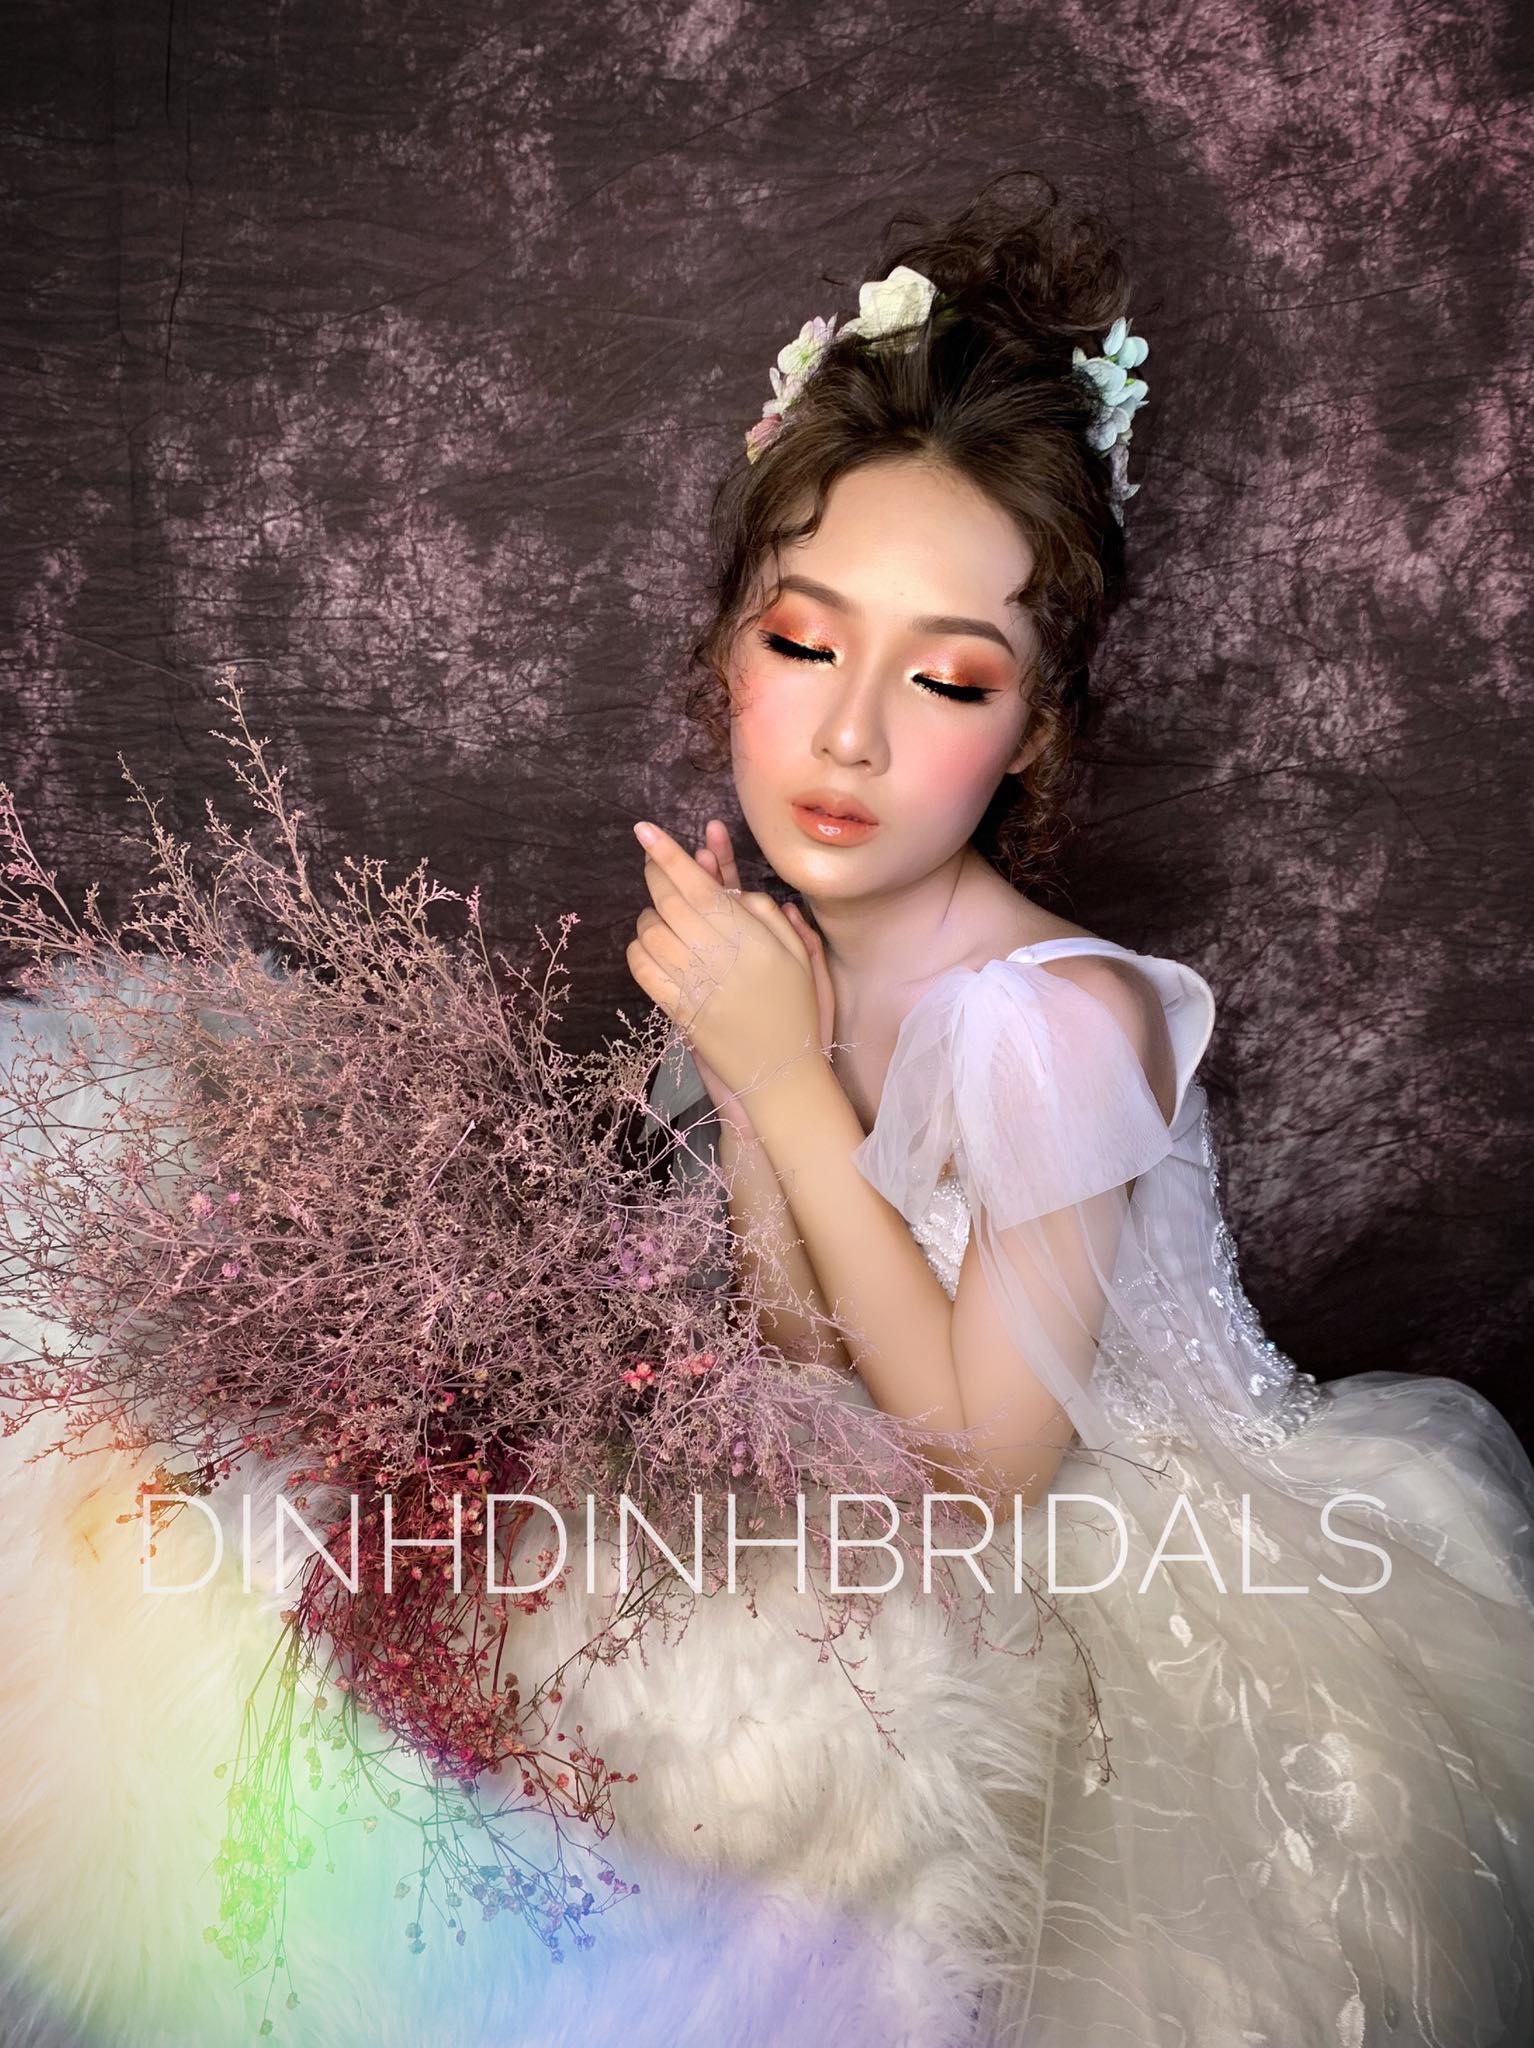 Top 7 tiệm trang điểm cô dâu đẹp nhất tại Nha Trang -  Dinh Dinh Bridal